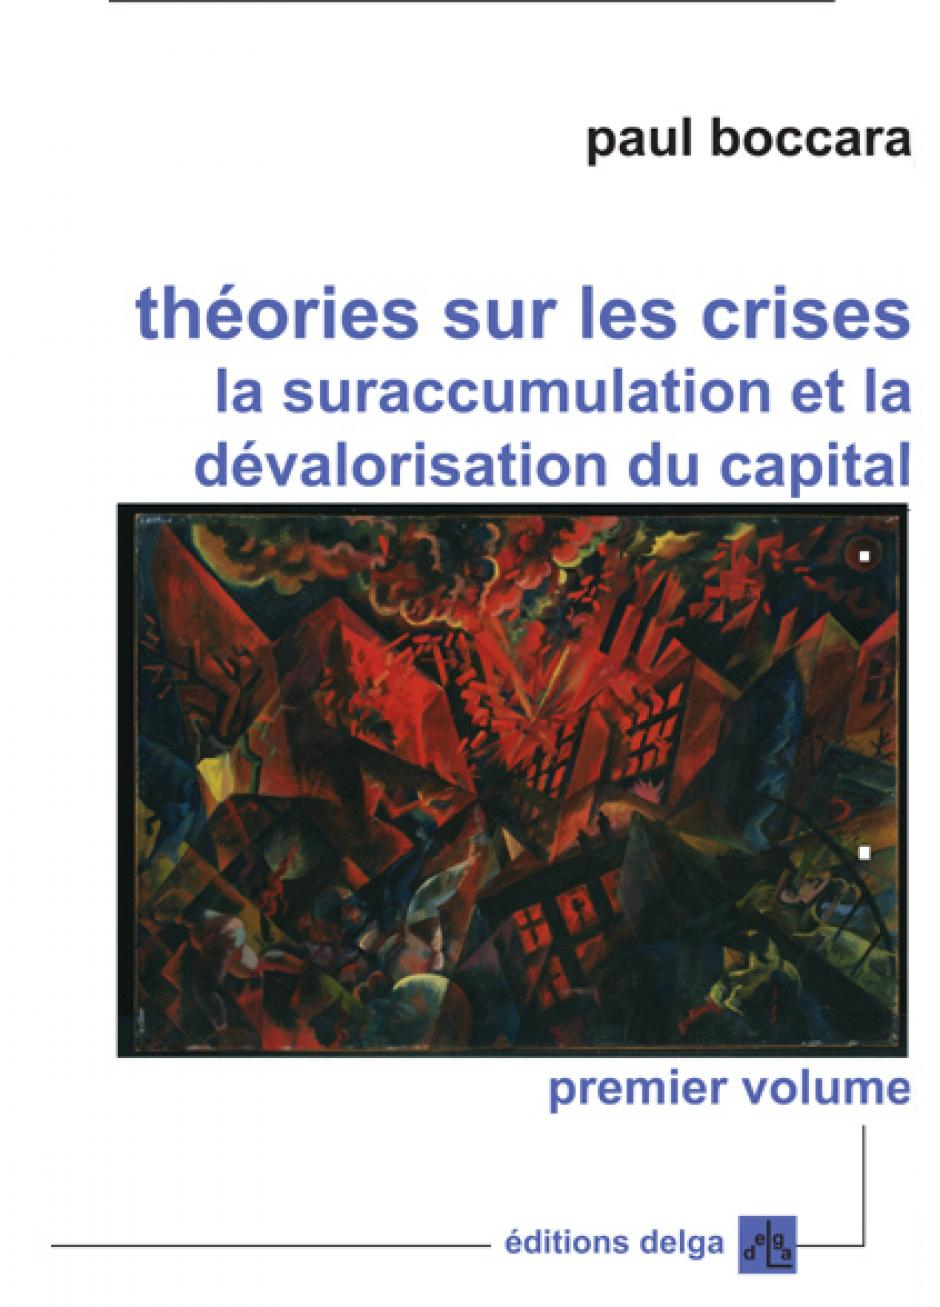 Théories sur les crises La suraccumulation et la dévalorisation du capital (Ouvrage de Paul Boccara)